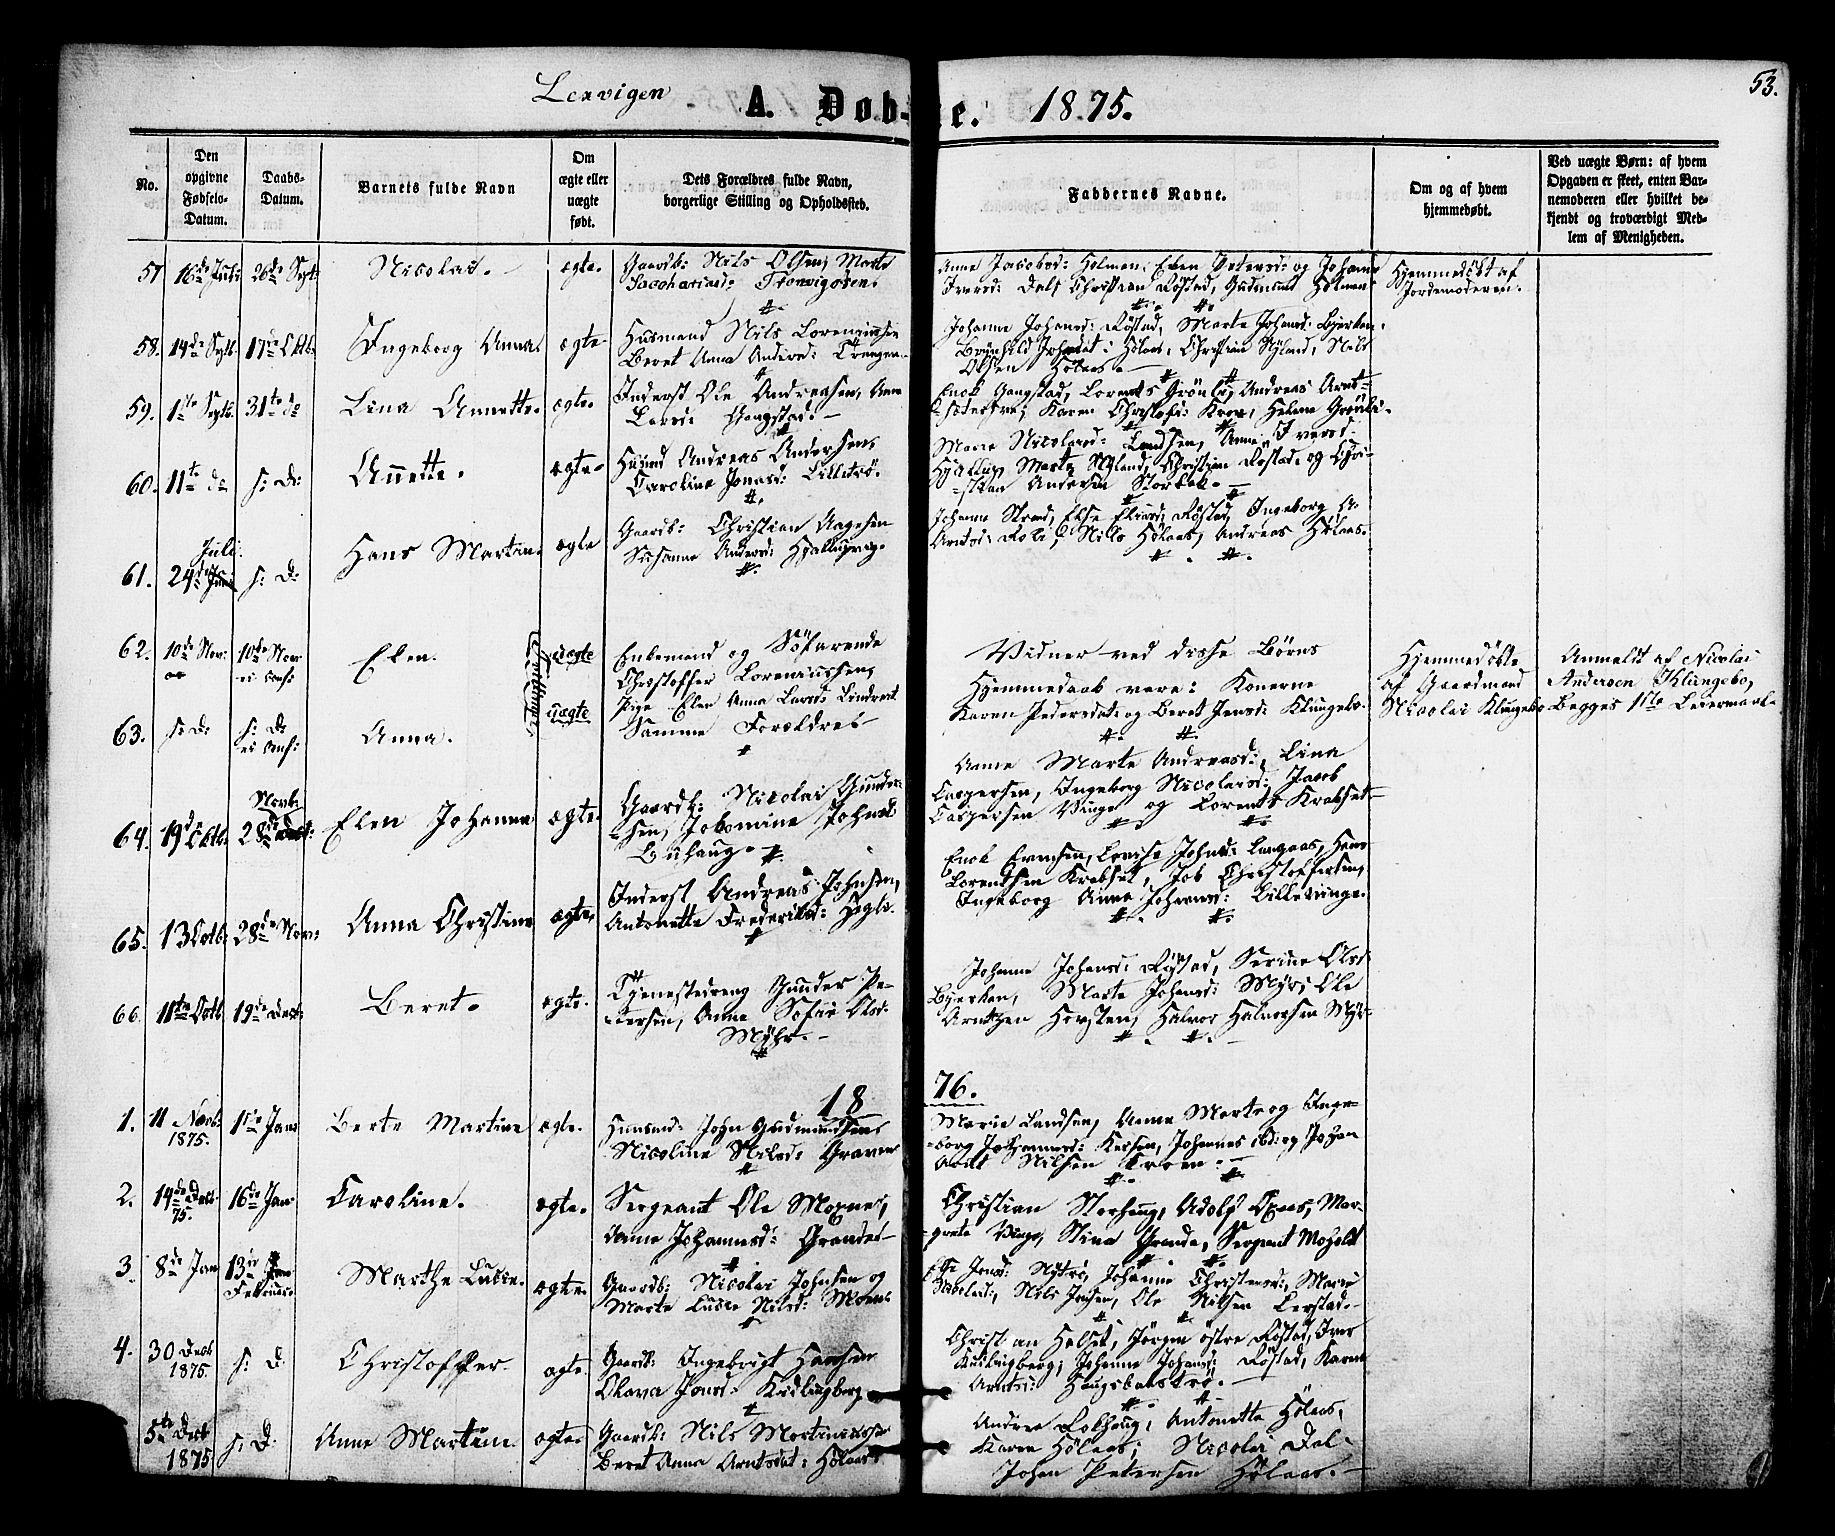 SAT, Ministerialprotokoller, klokkerbøker og fødselsregistre - Nord-Trøndelag, 701/L0009: Ministerialbok nr. 701A09 /1, 1864-1882, s. 53